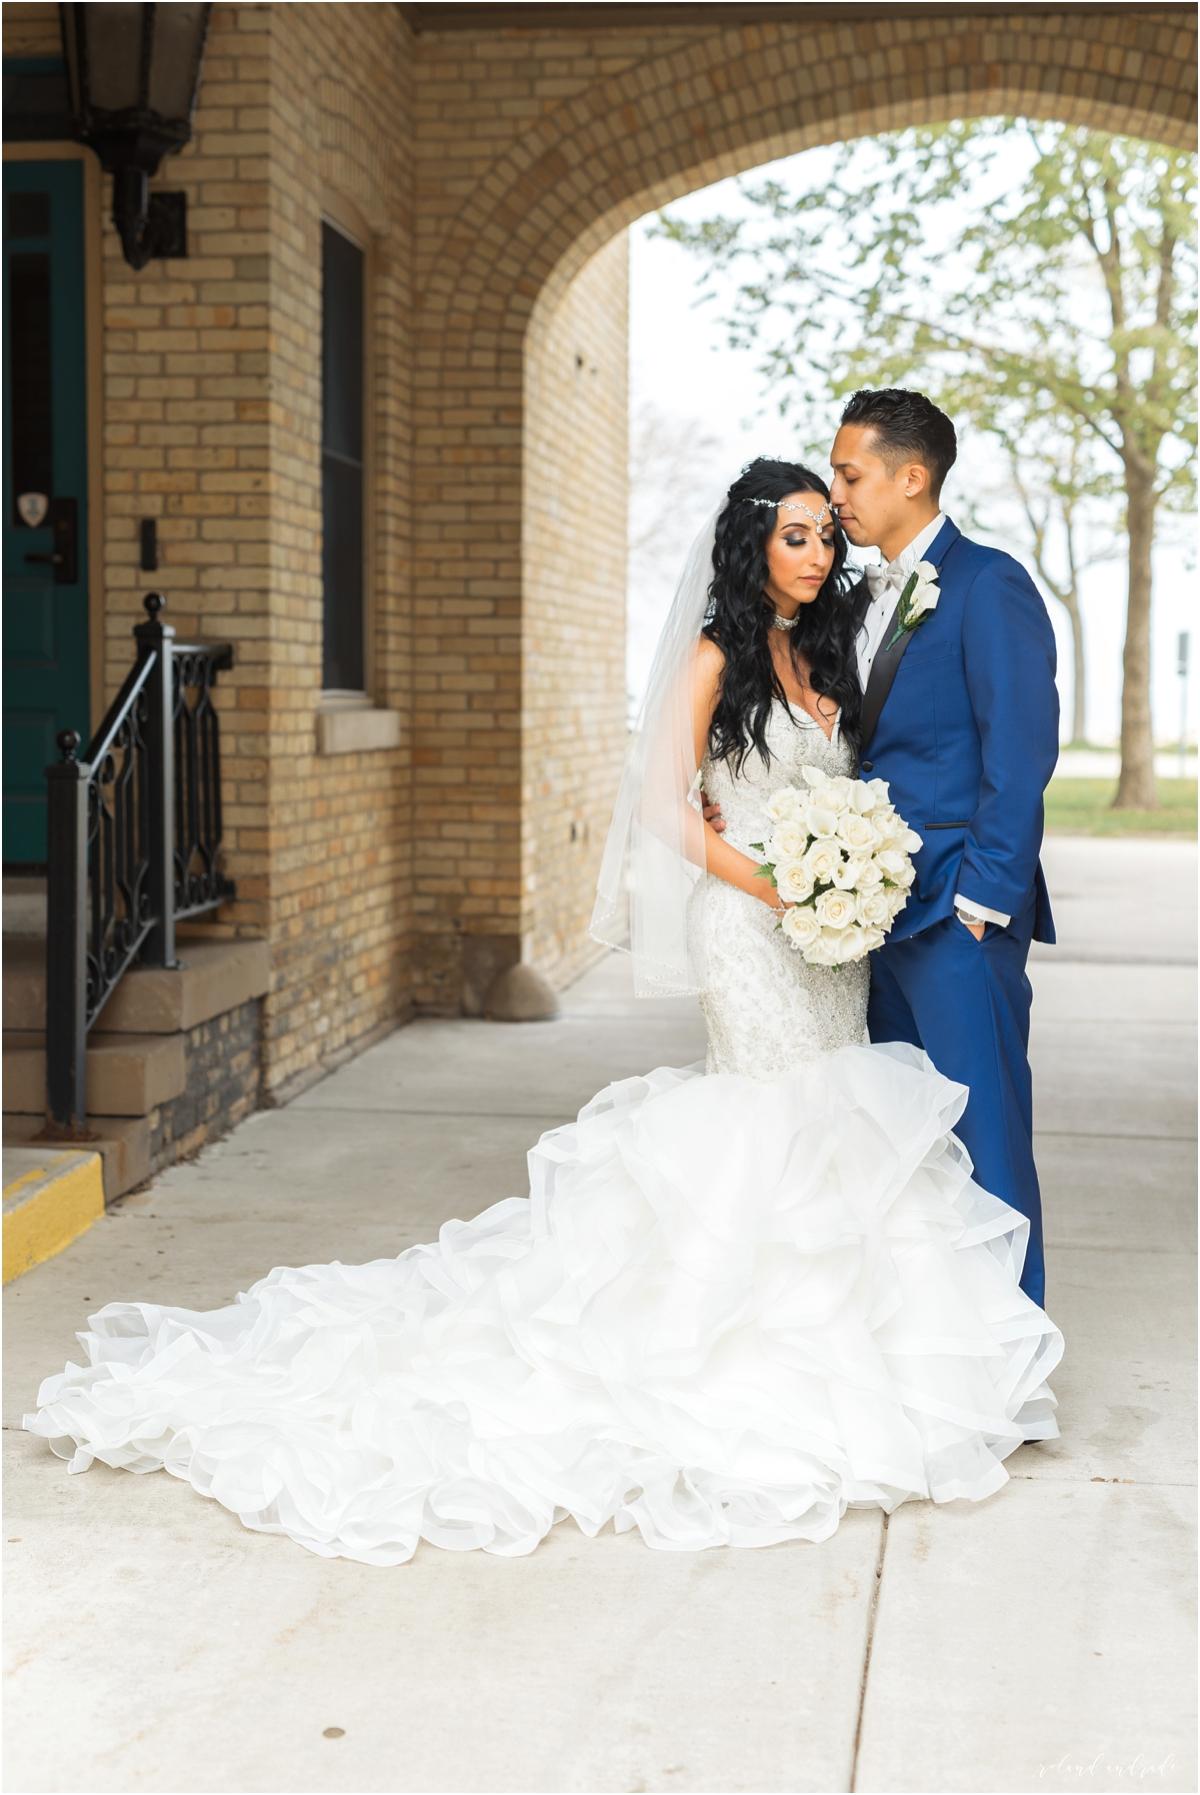 Italian American Society Wedding in Kenosha Wisconsin, Kenosha Wisconsin Wedding Photographer, Chicago Wedding Photography Kenosha Mexican Italian Wedding_0035.jpg